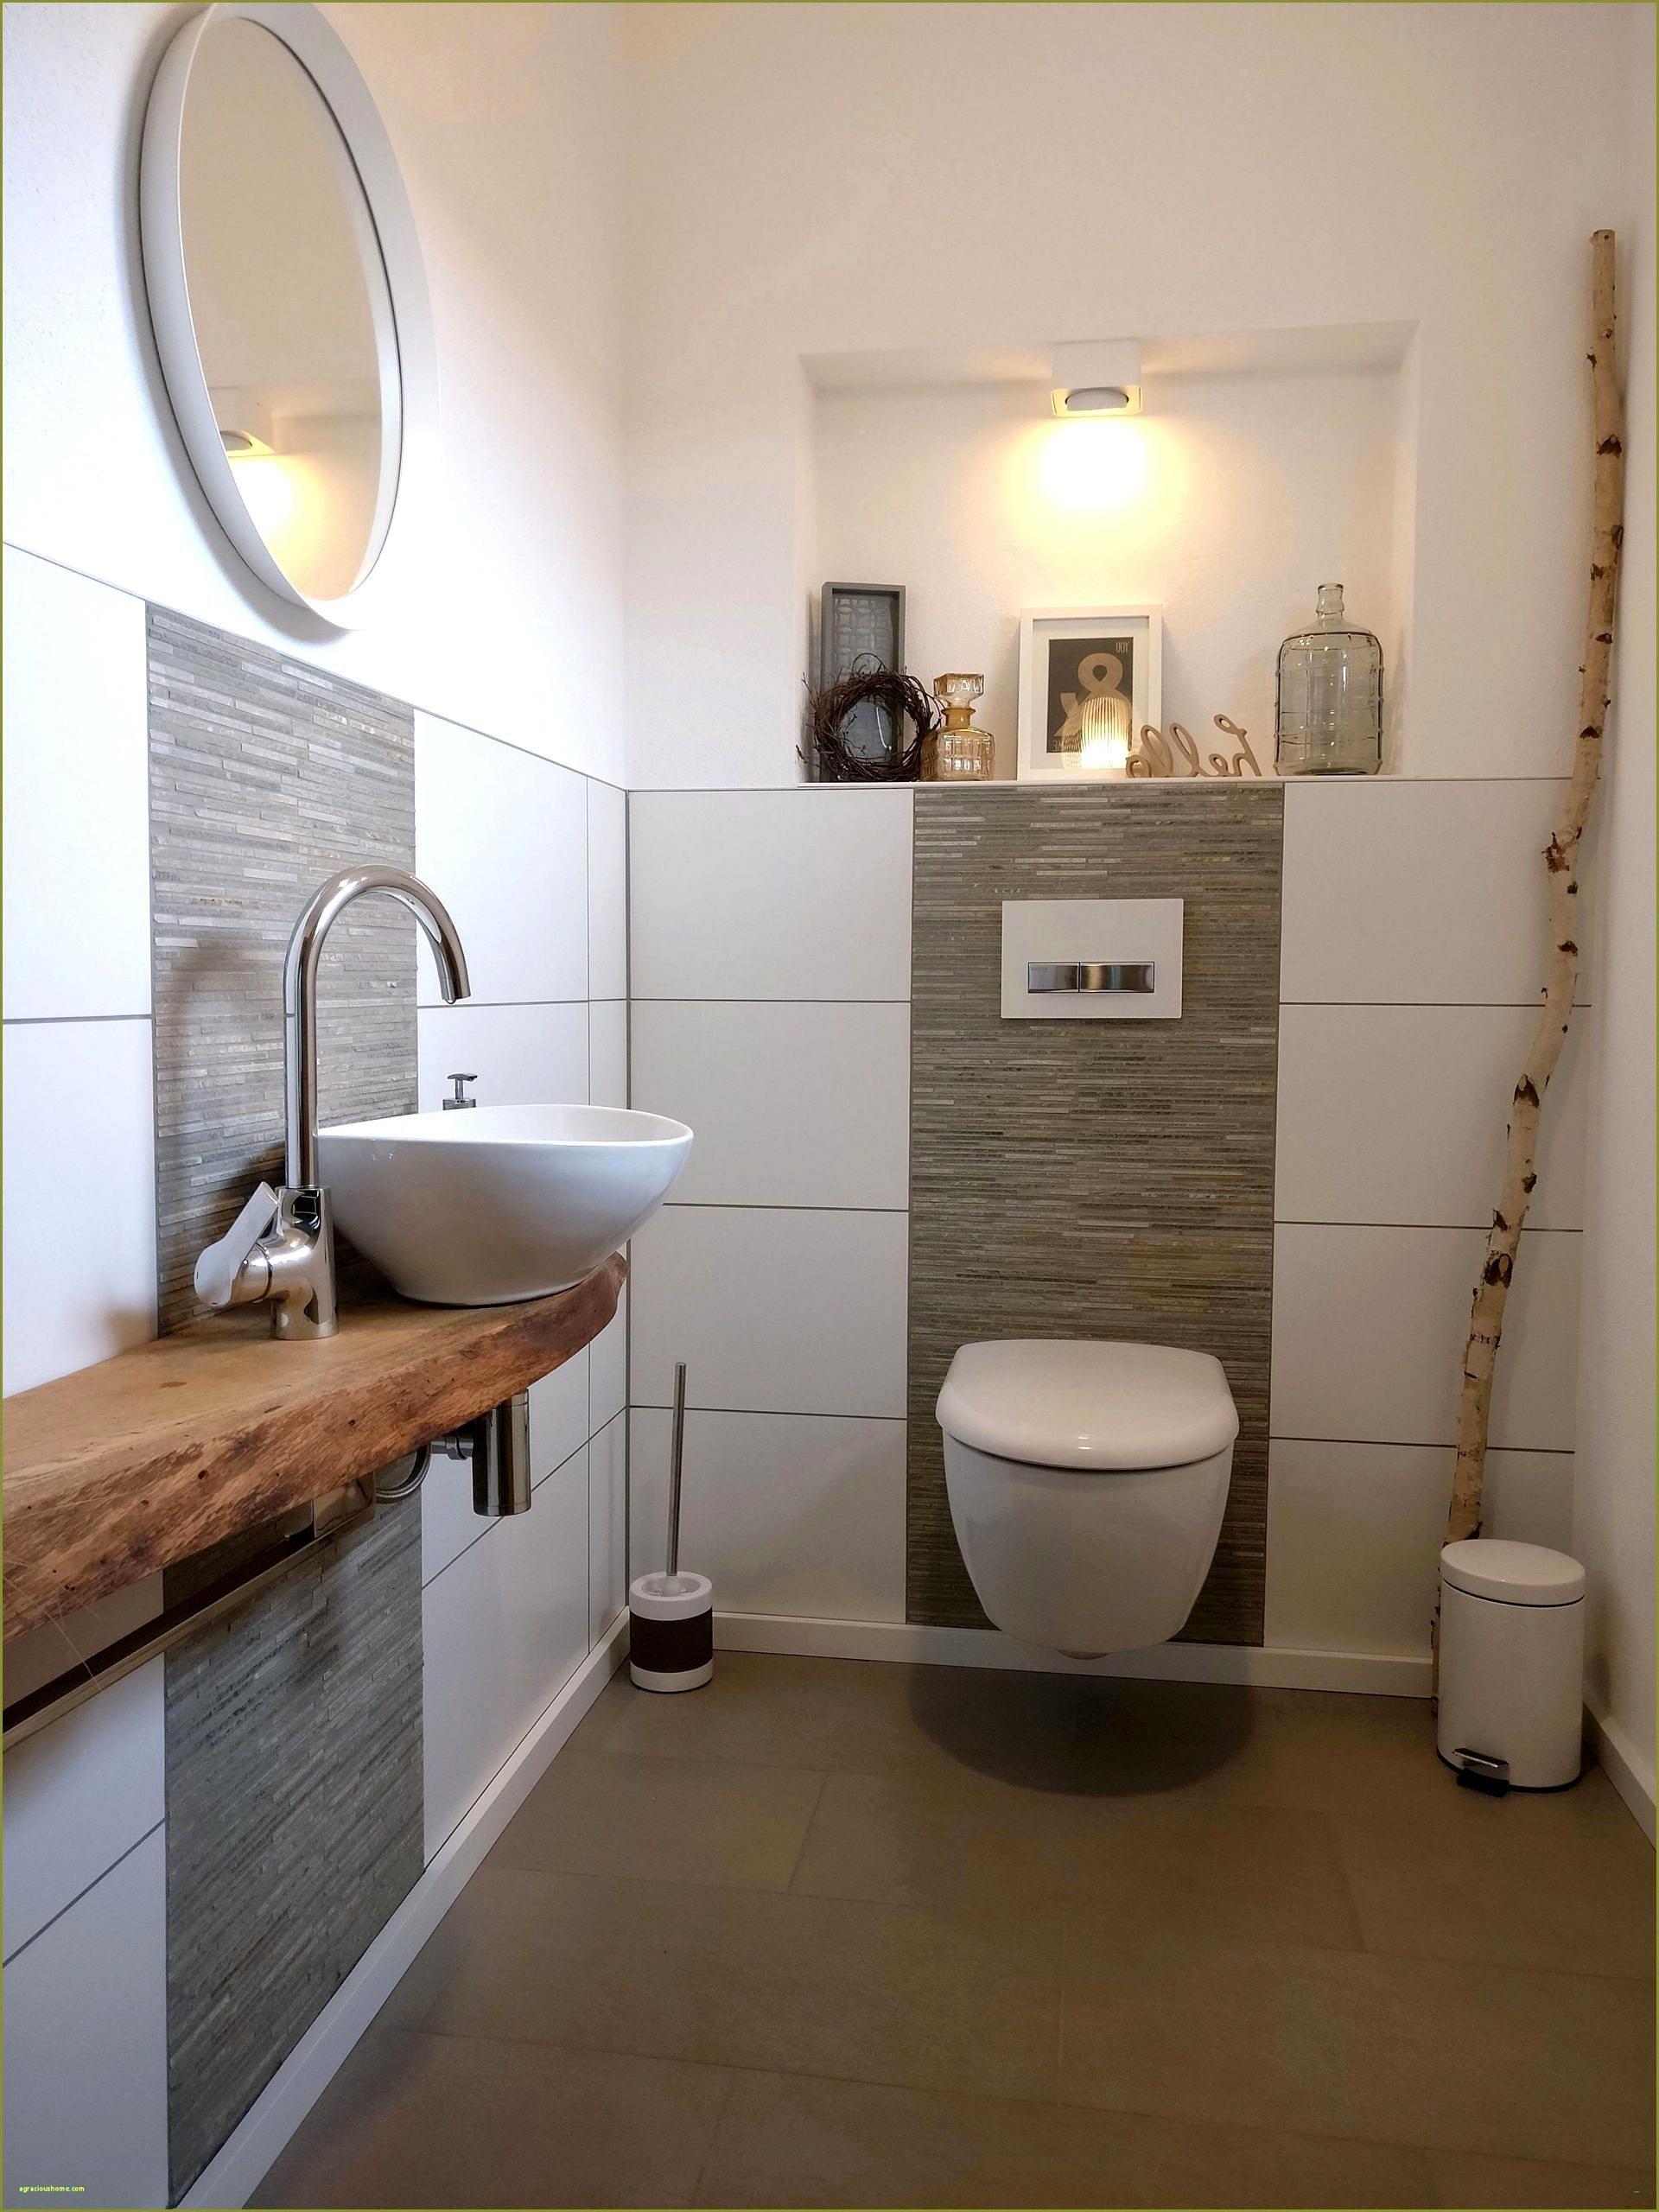 Kleine Bäder Badideen aus kleinen Badideen erneuern ...